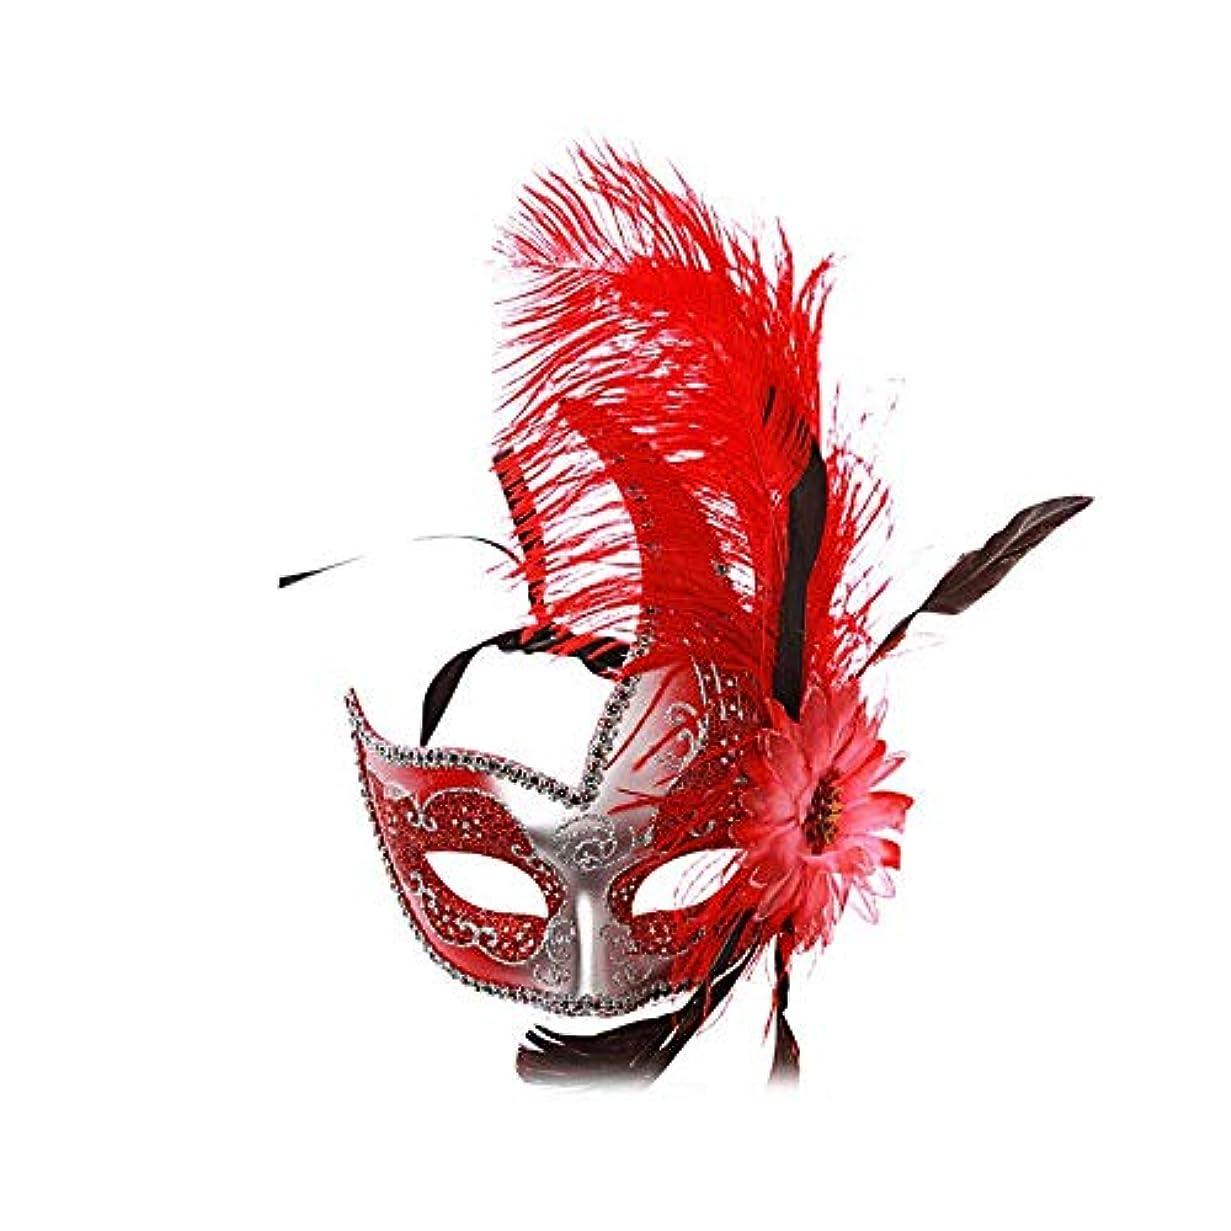 みすぼらしい日帰り旅行に銀河Nanle ハロウィンマスクハーフフェザーマスクベニスプリンセスマスク美容レース仮面ライダーコスプレ (色 : Style B red)